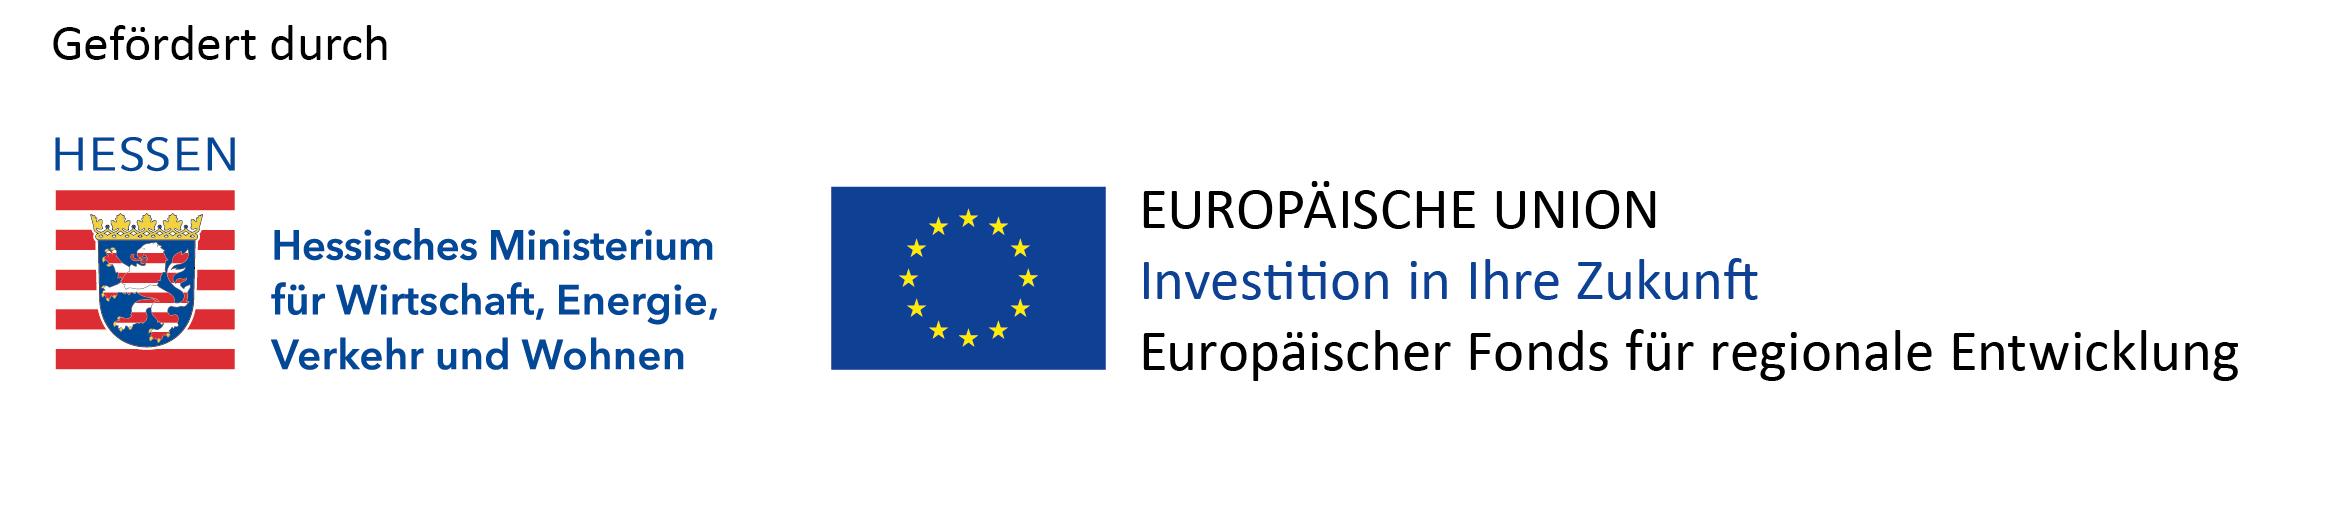 gefördert durch Europäischer Fonds für regionale Entwicklung EFRE